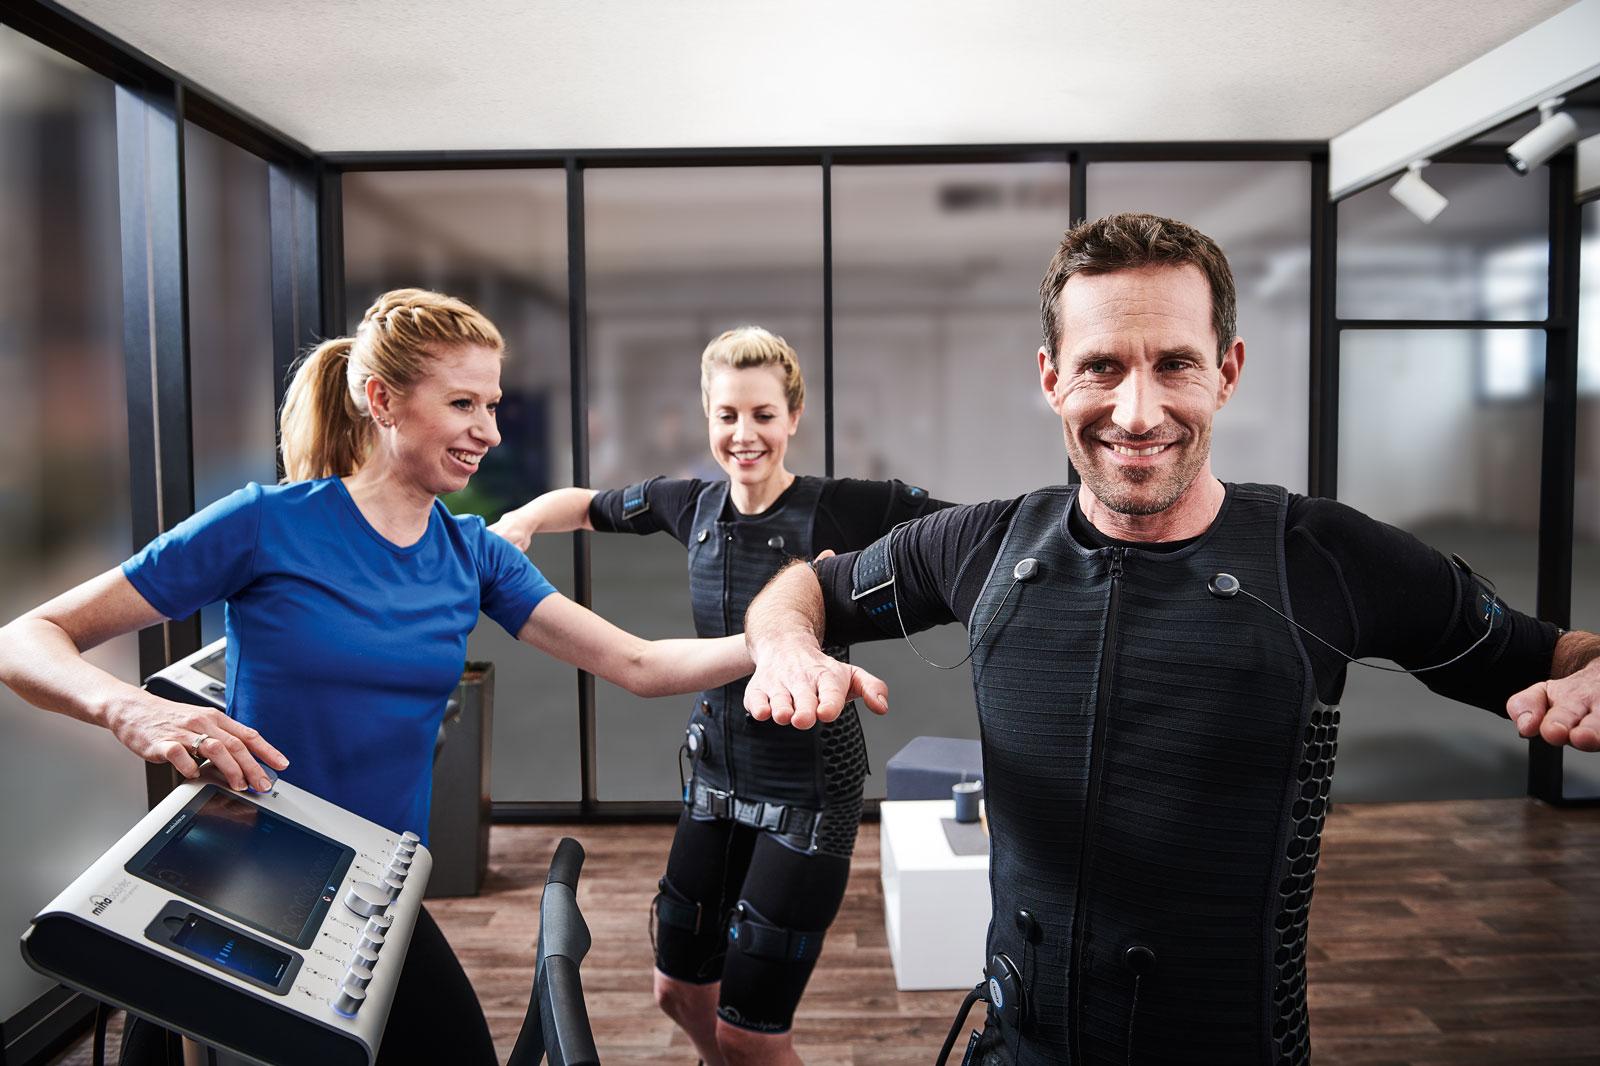 Chcesz zrzucić kilogramy jeszcze szybciej? Sprawdź trening EMS